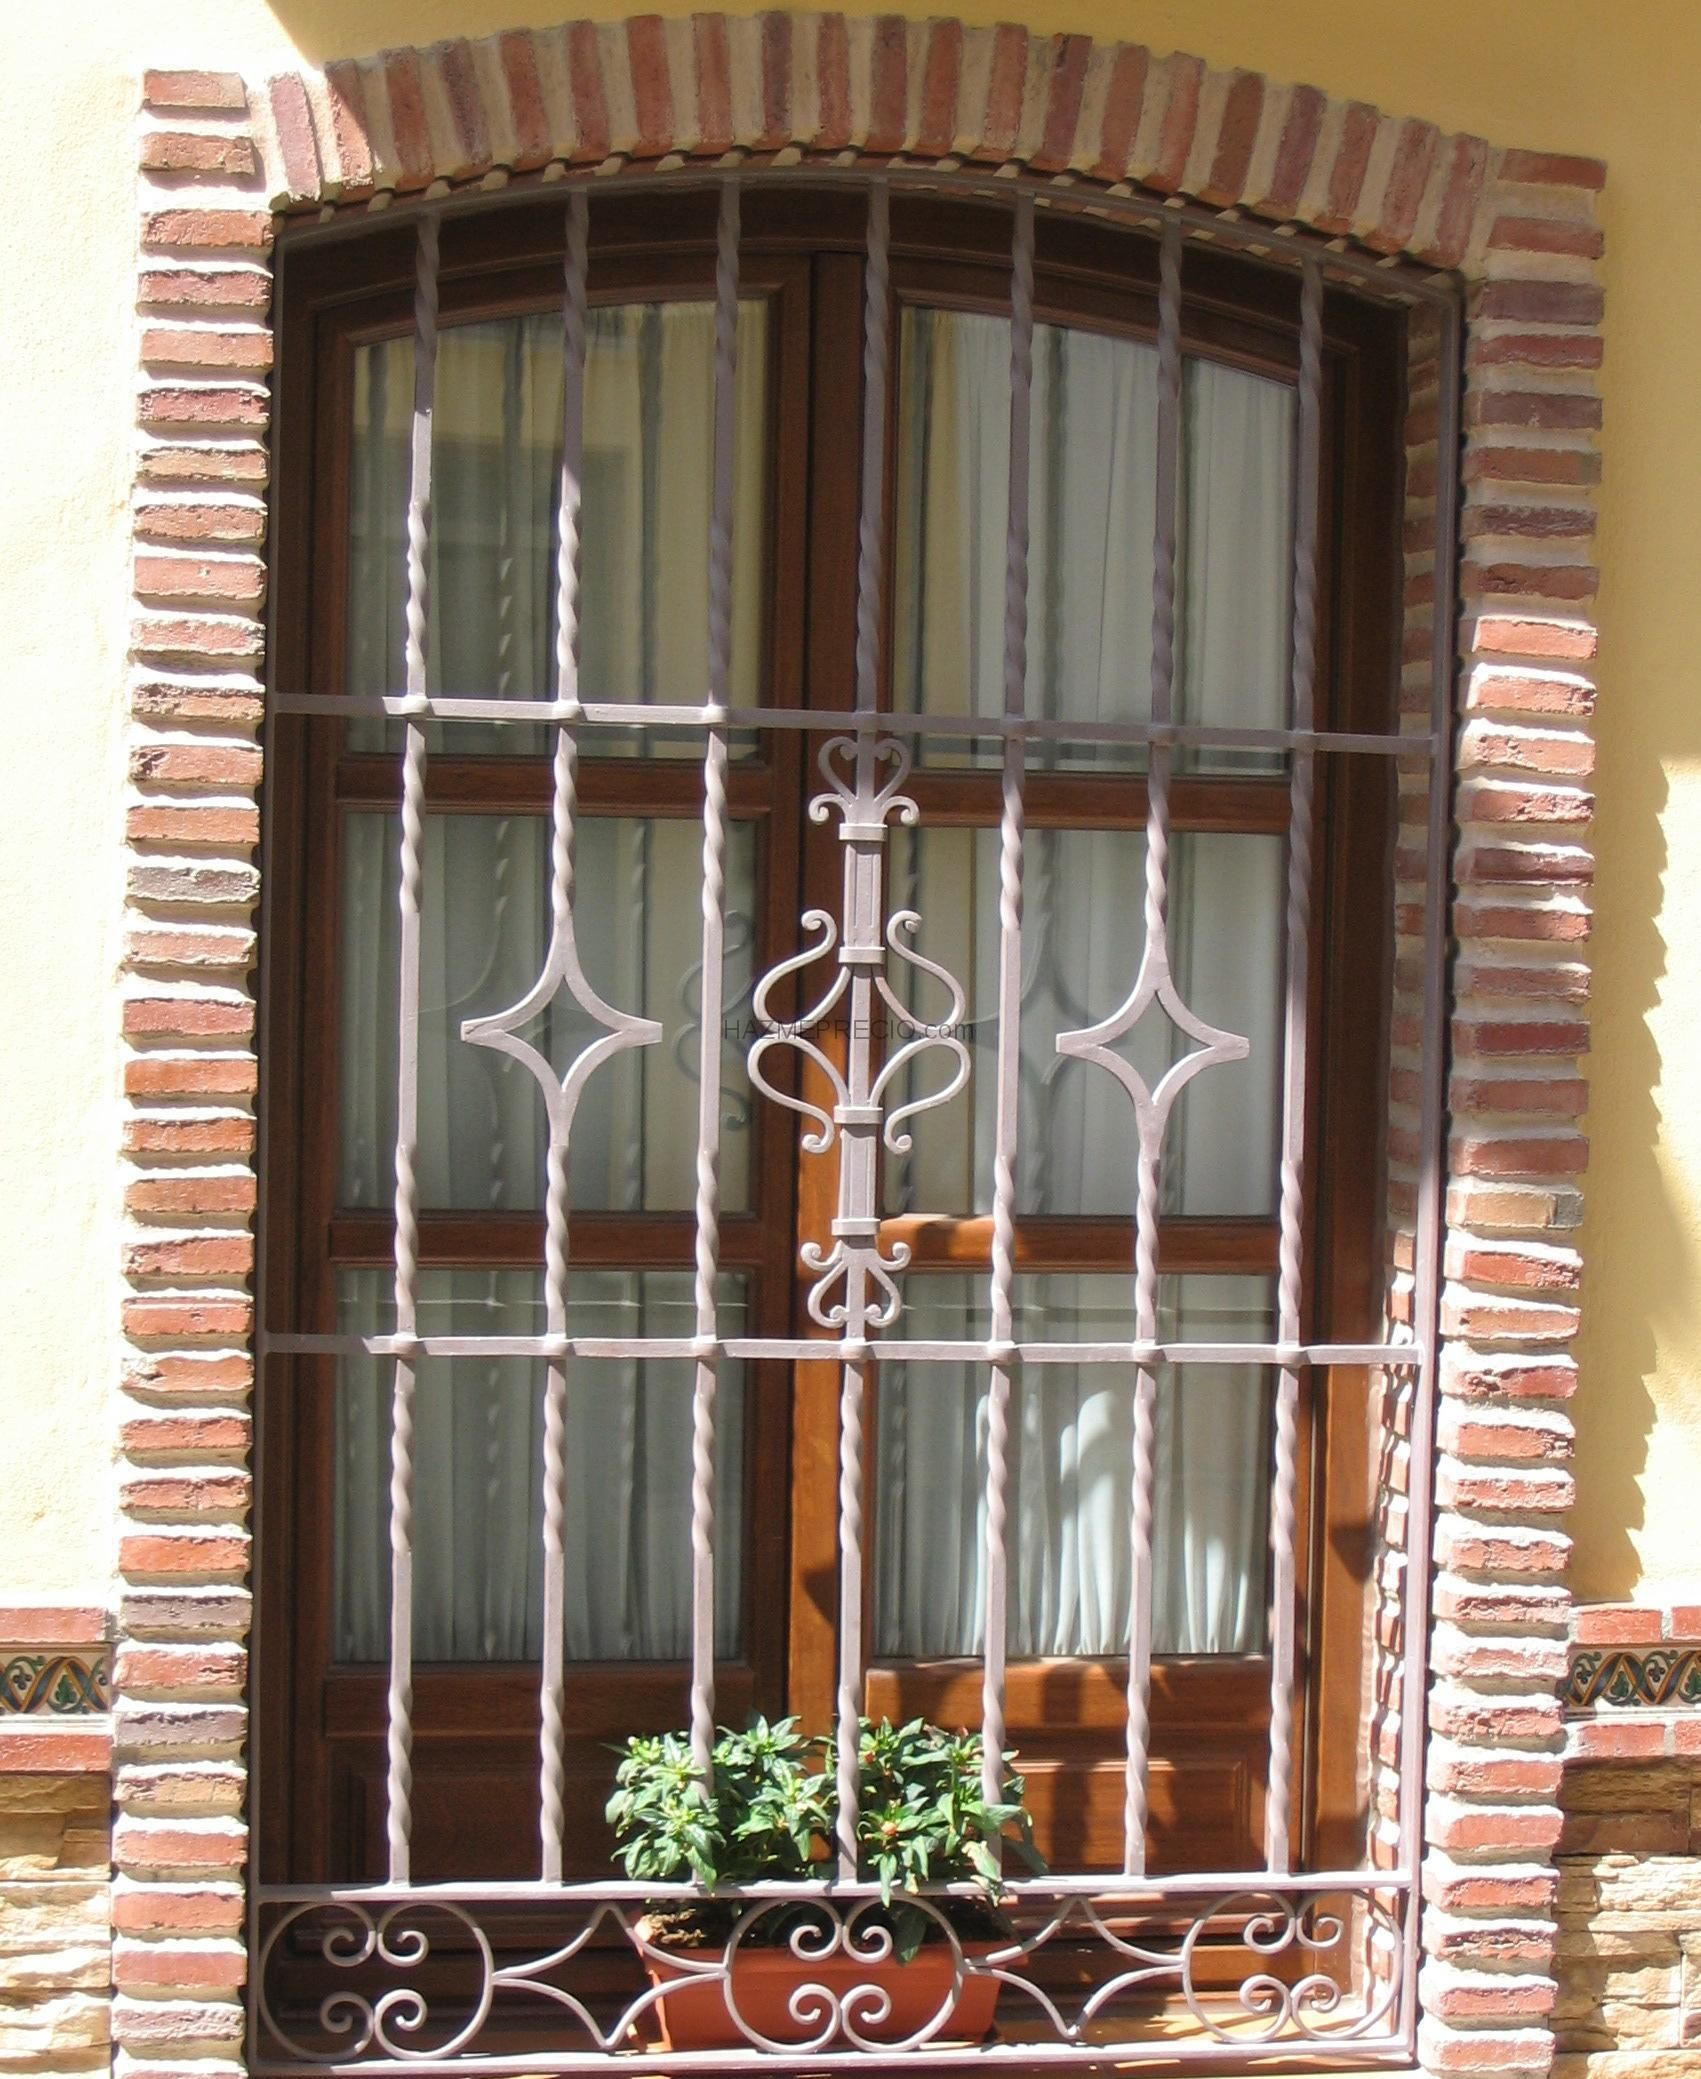 Rejas artisticas for the home pinterest wrought iron for Modelos de puertas metalicas